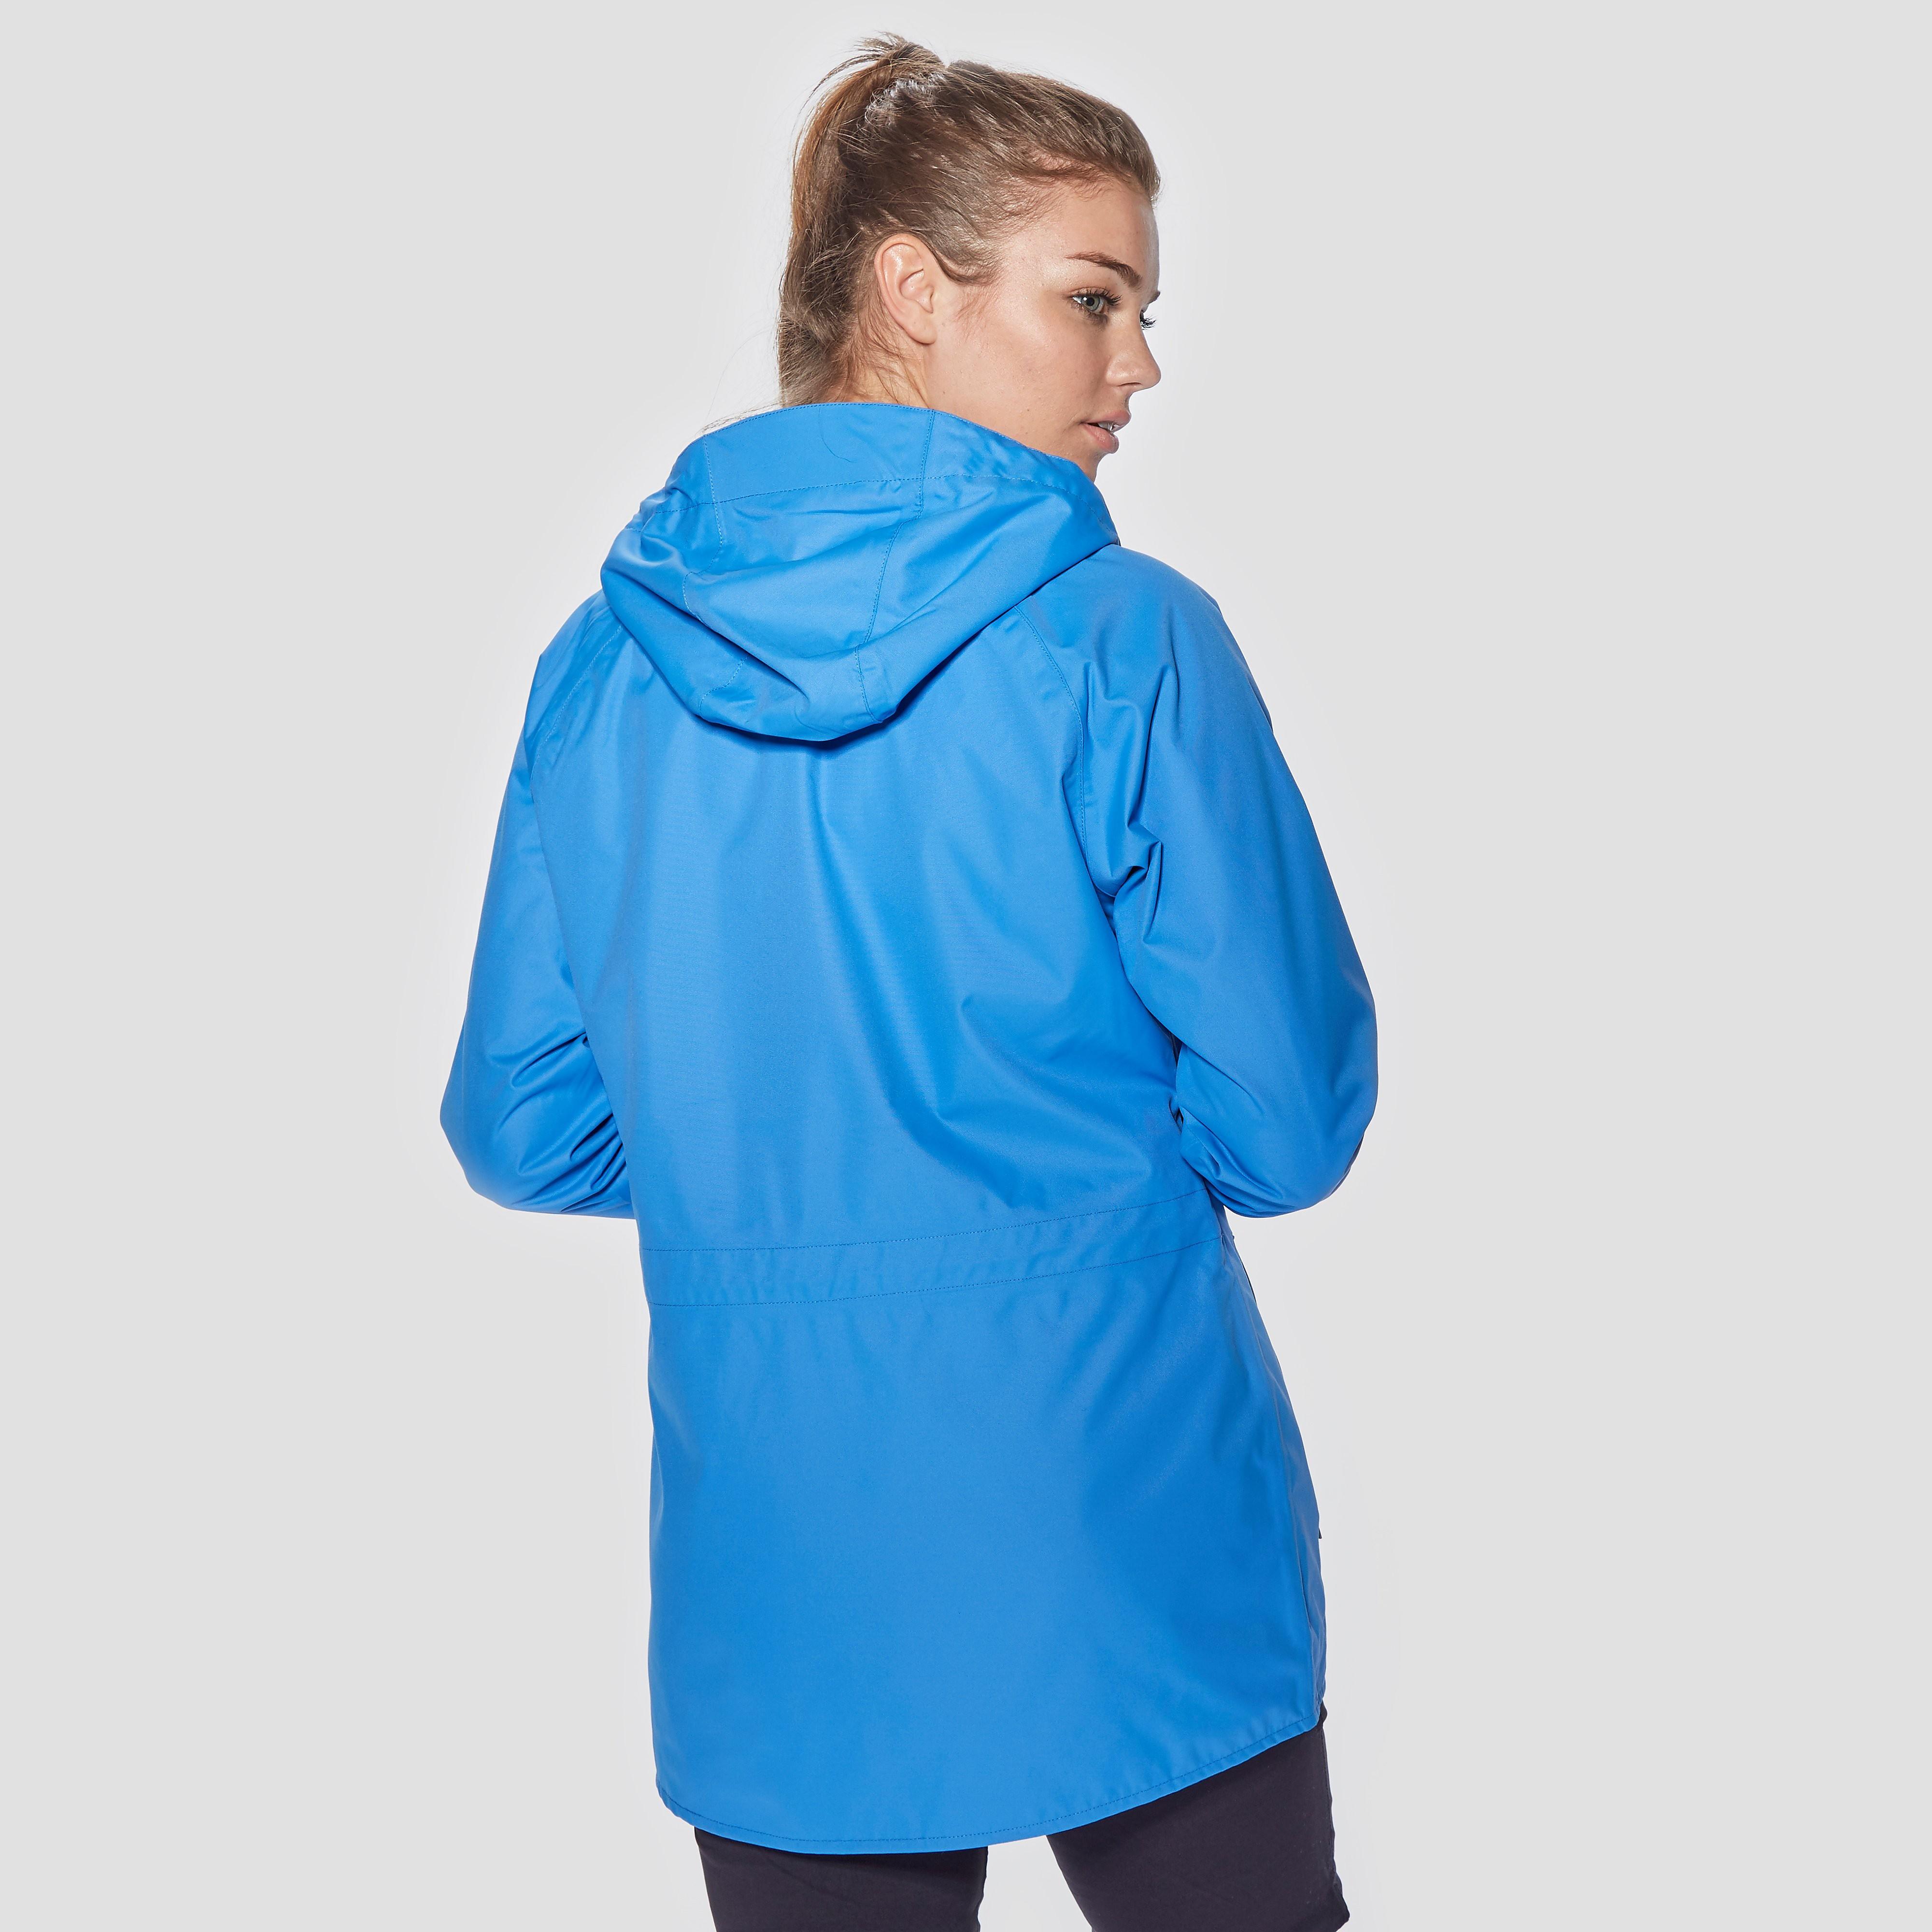 Craghoppers Madigan Classic Women's Waterproof Jacket